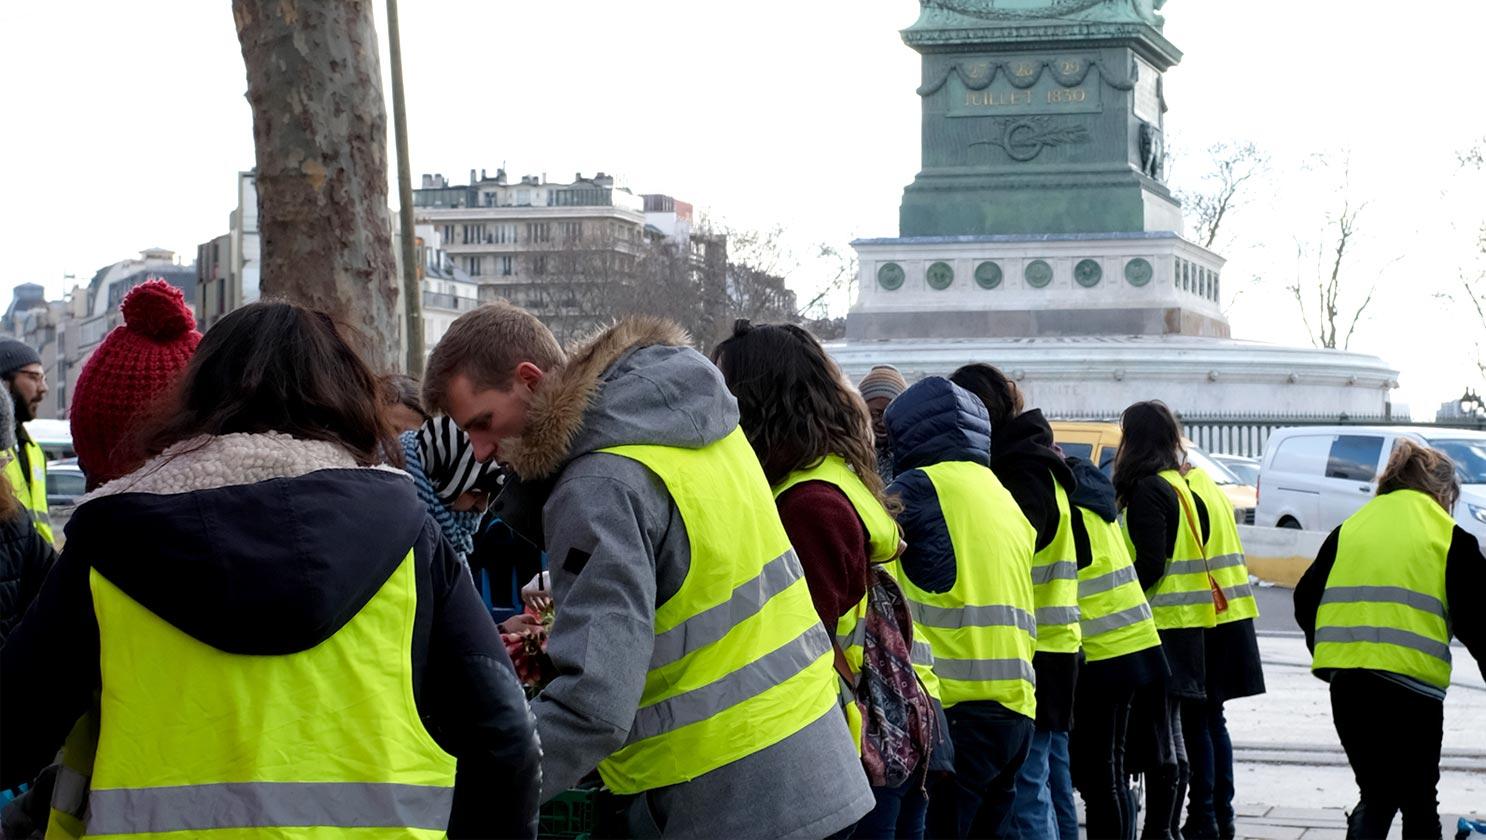 フランス社会を揺さぶる大規模デモ ー 溢れる「色」と「モチーフ」